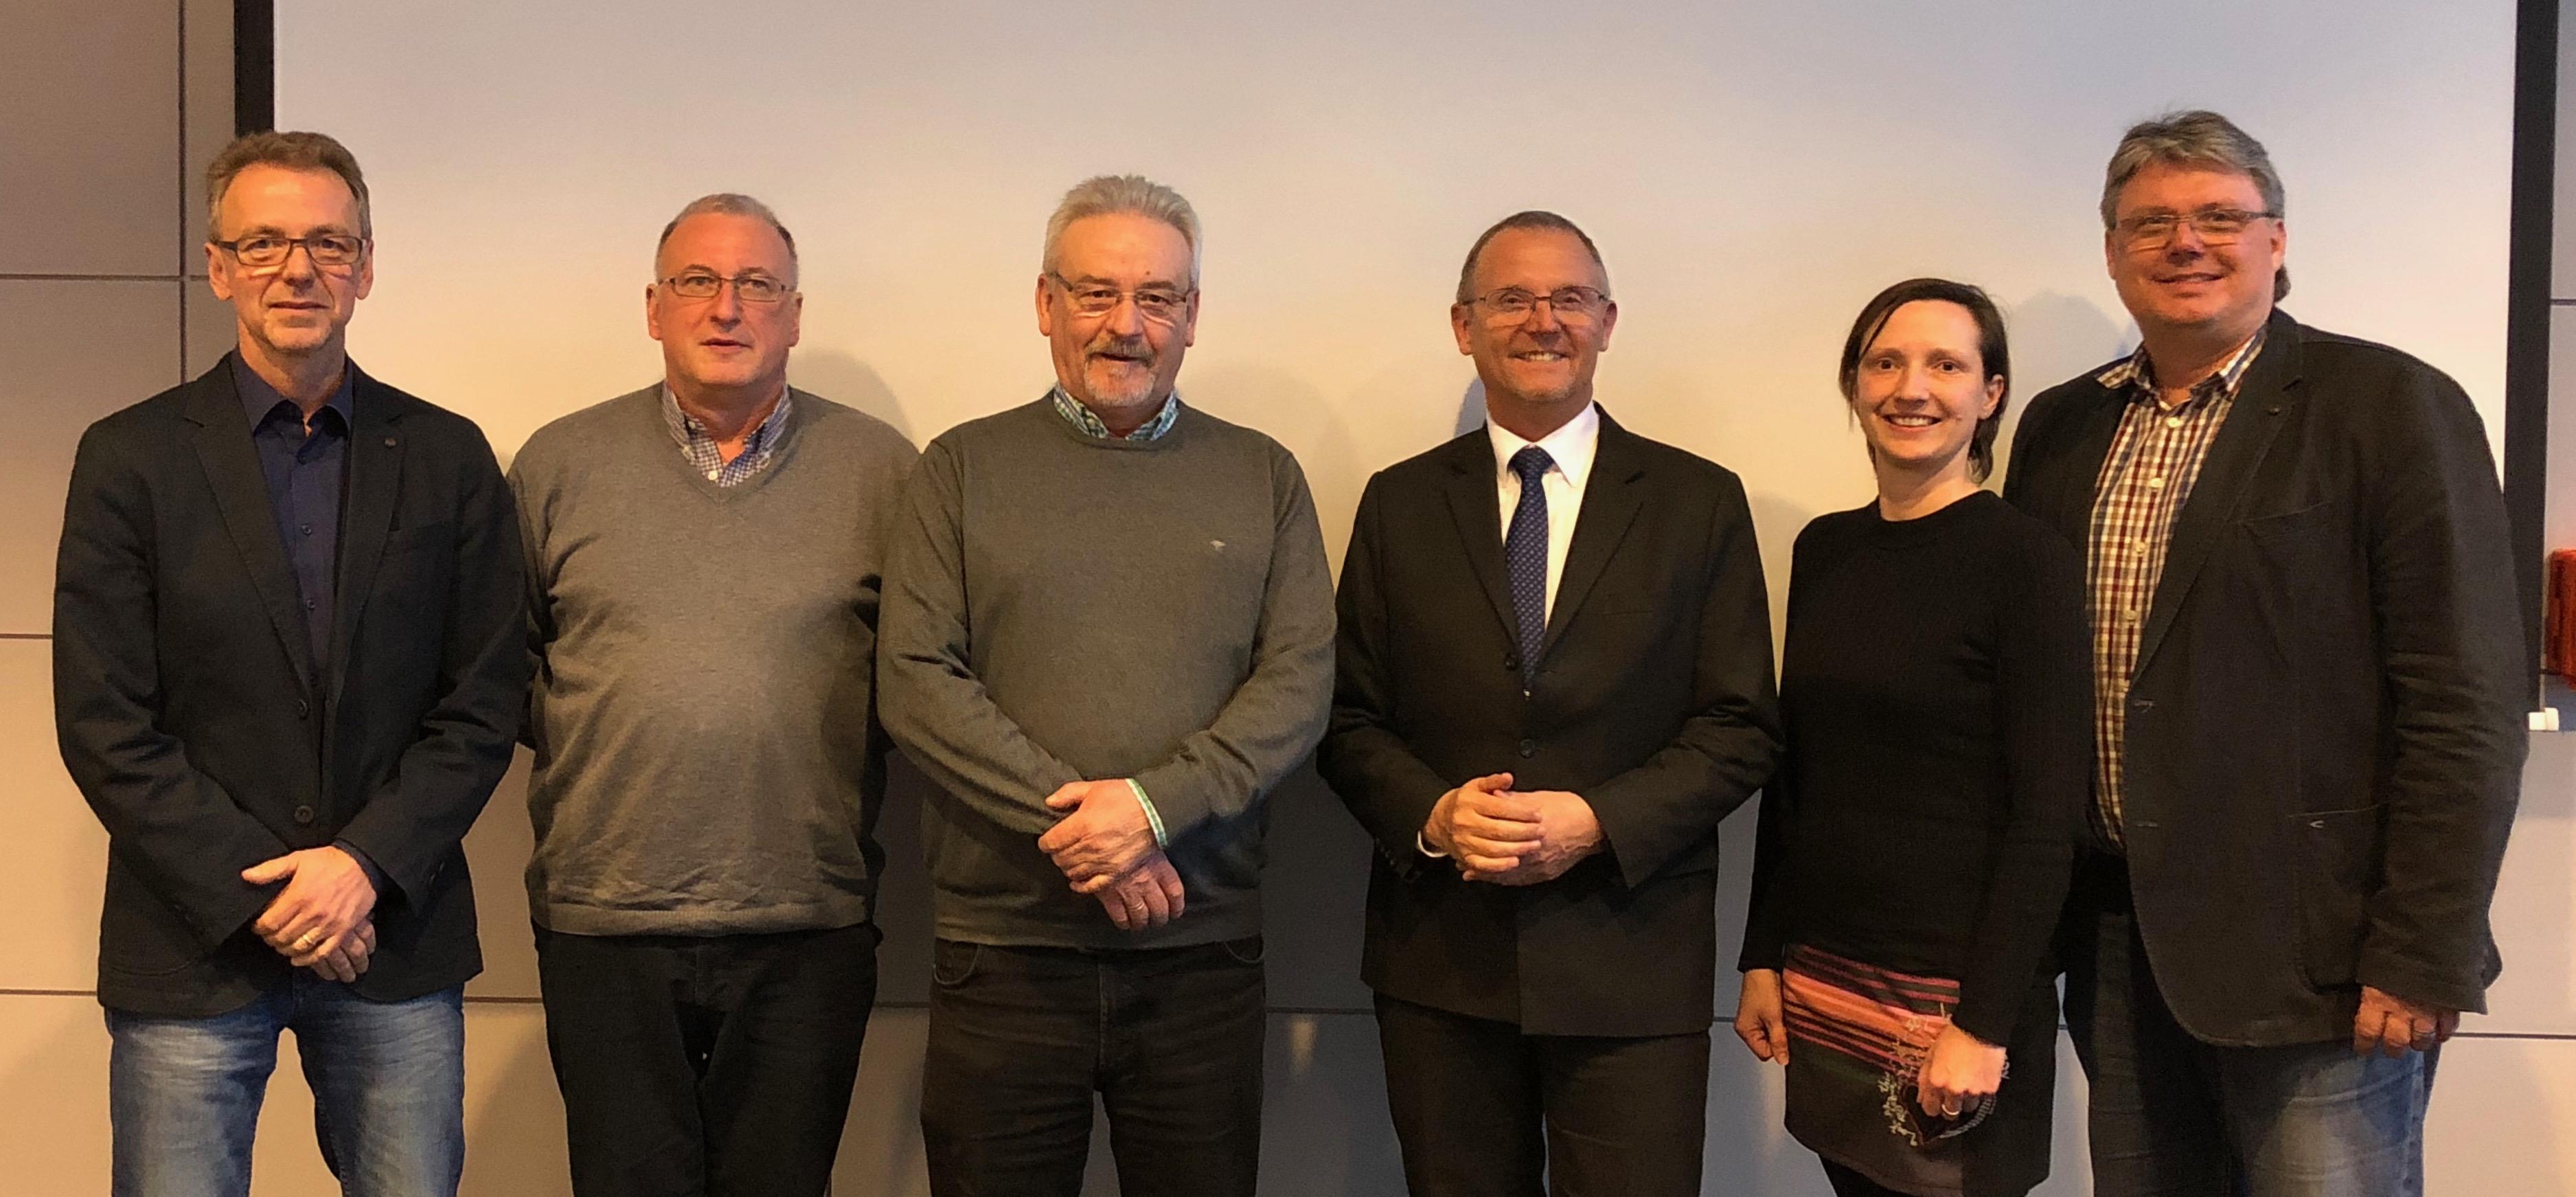 Vorstand: Dr. Götting, Bernd Heinze, Volker Dowidat, Uwe Lührig, Nicole Schwarzer und Mathias Schröder